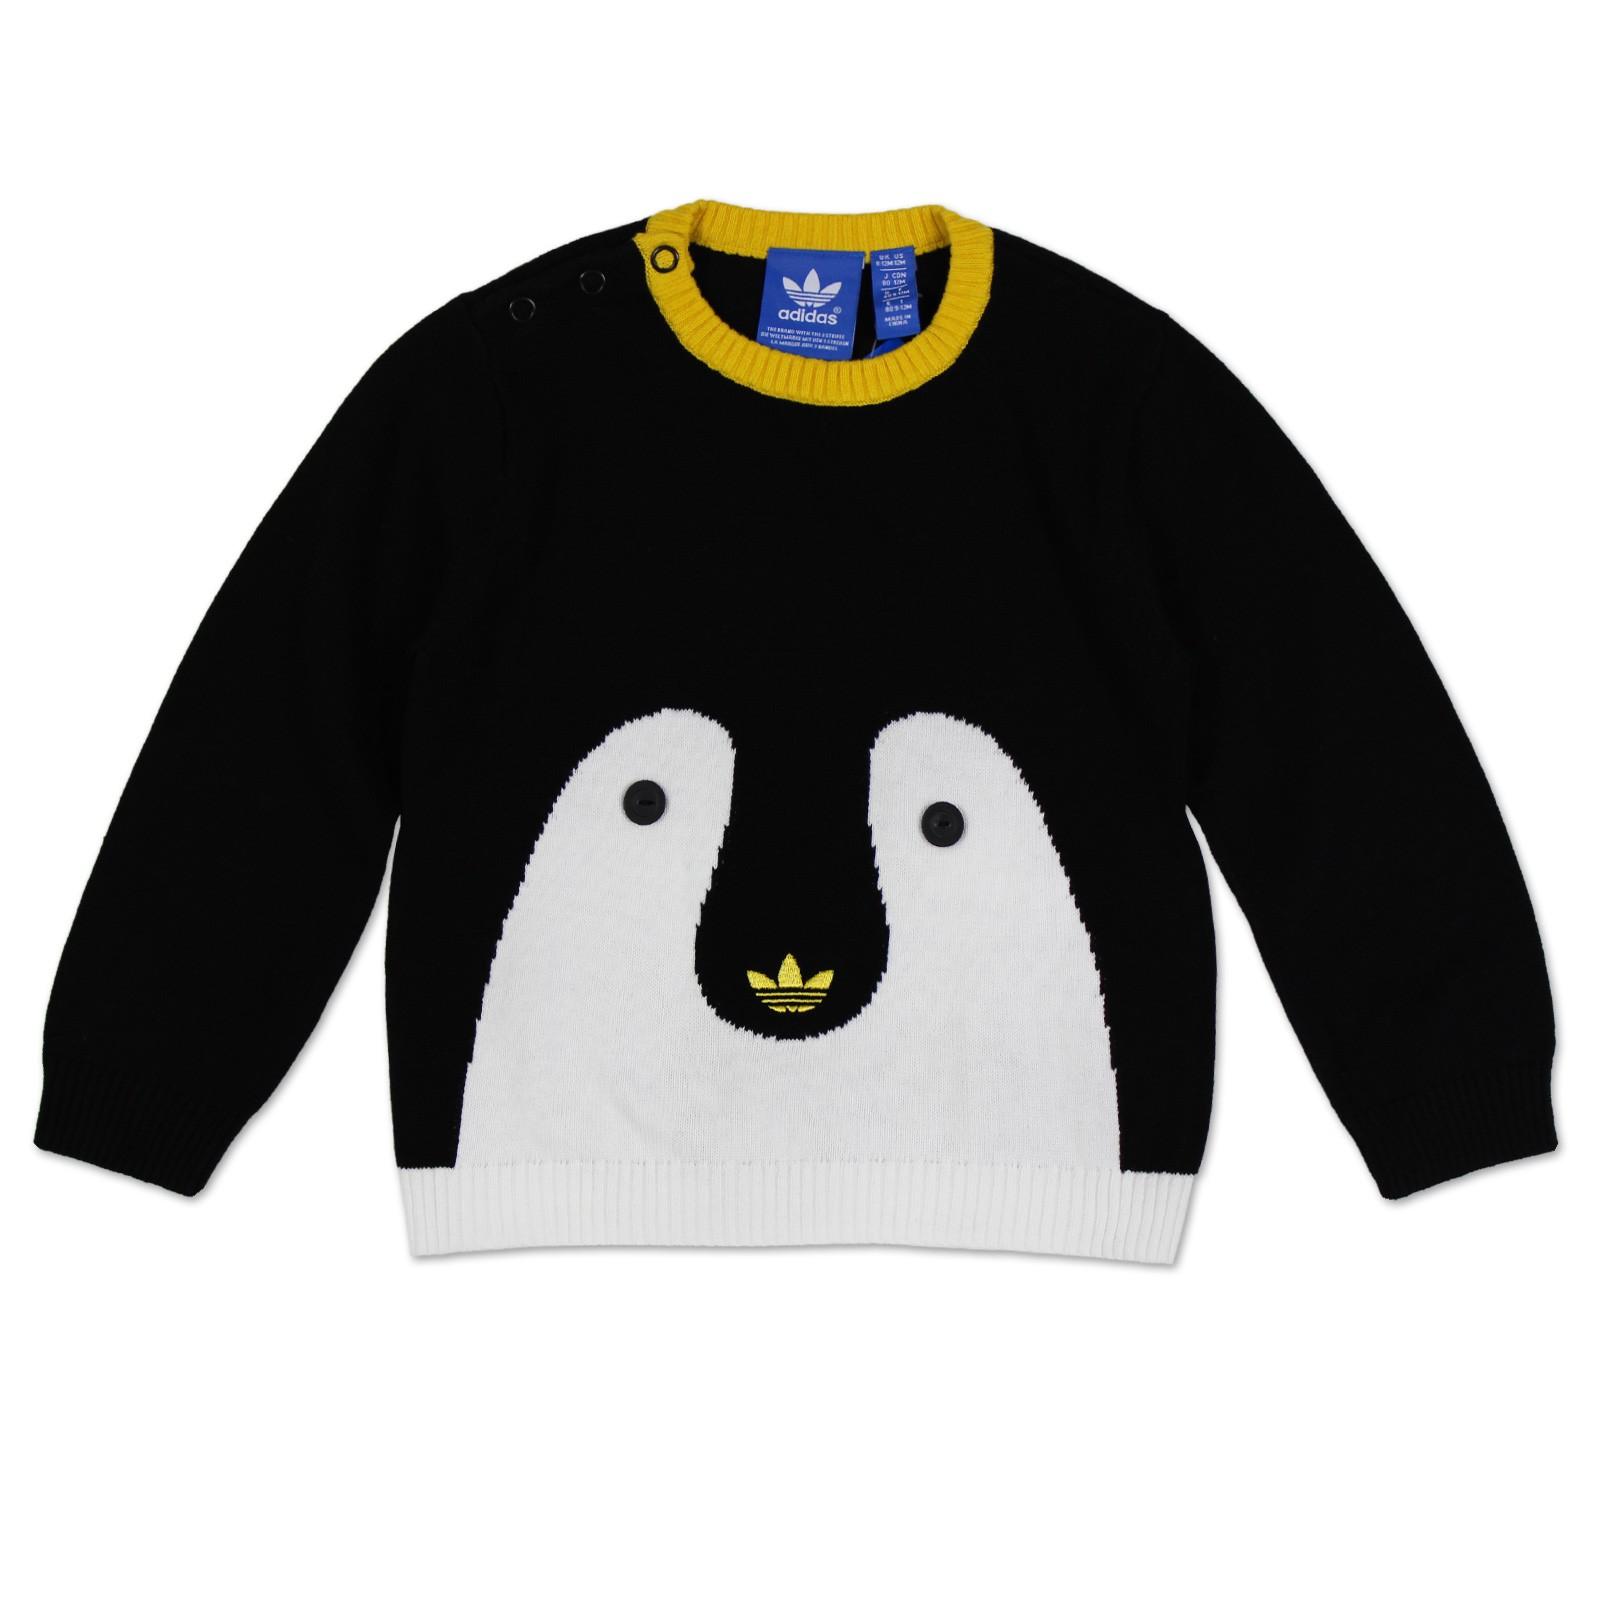 Pullover in Schwarz von adidas für Jungen